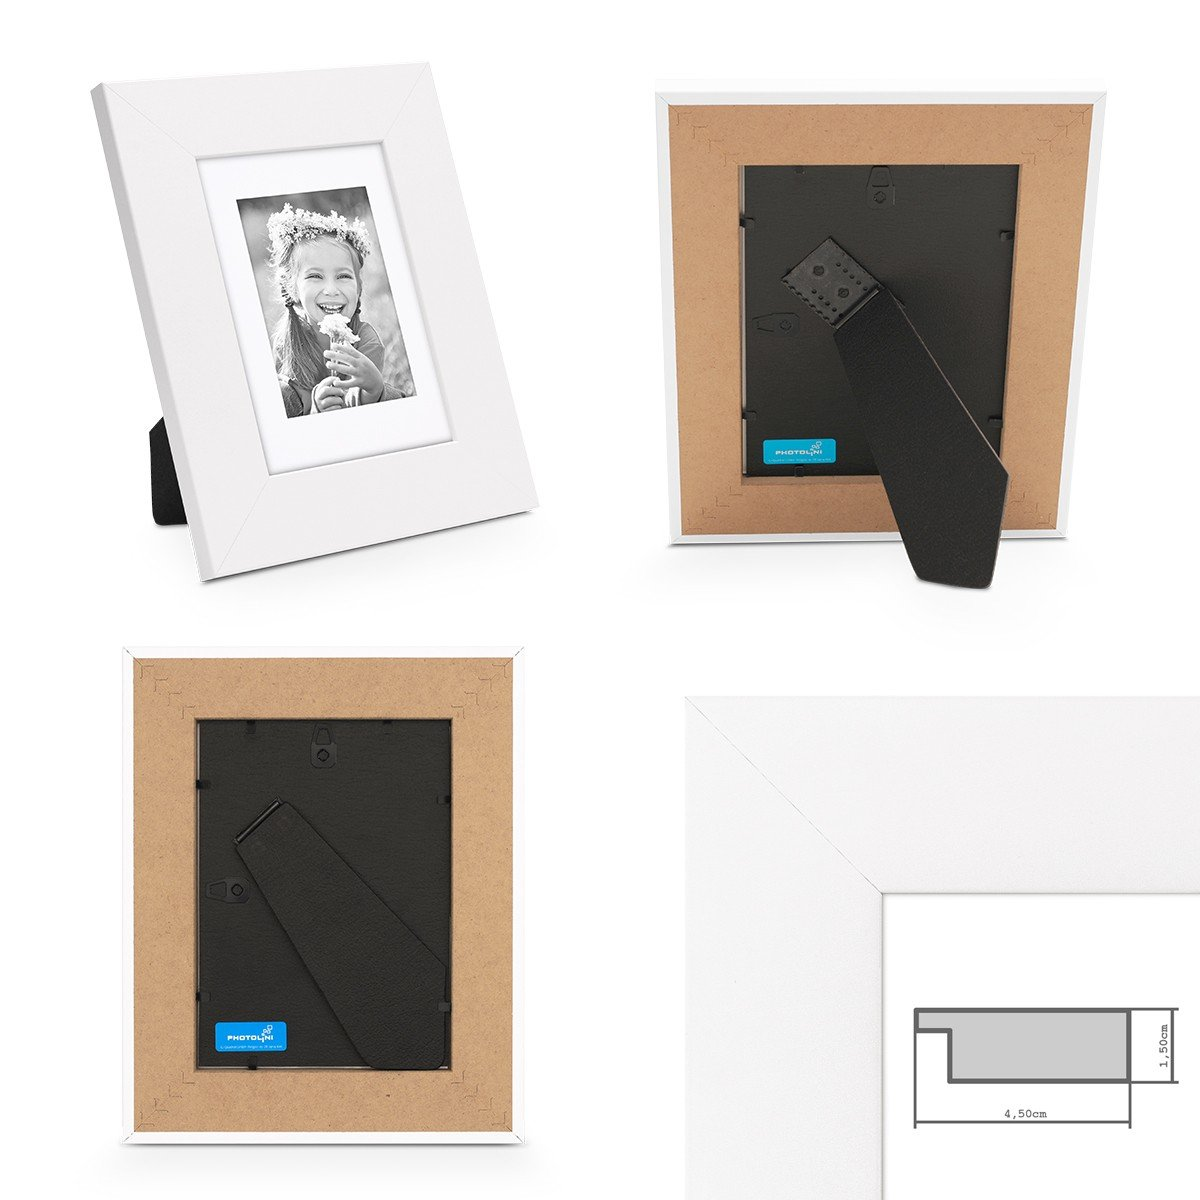 PHOTOLINI Bilderrahmen 15x20 cm Weiss Modern Breit aus MDF mit ...